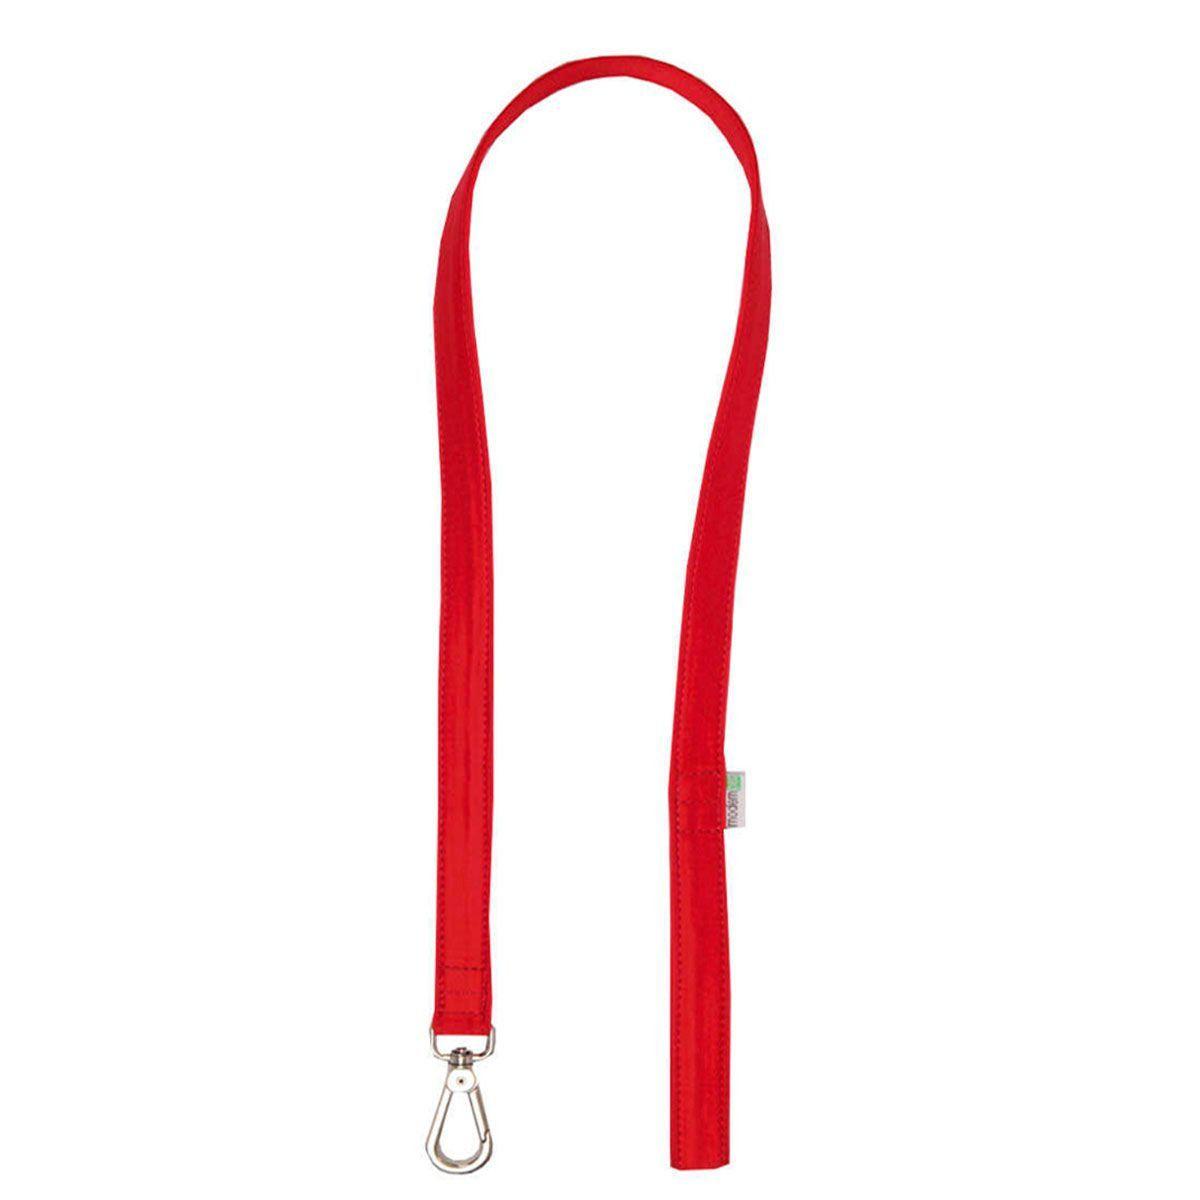 Guia Modernpet em Nylon Vermelha